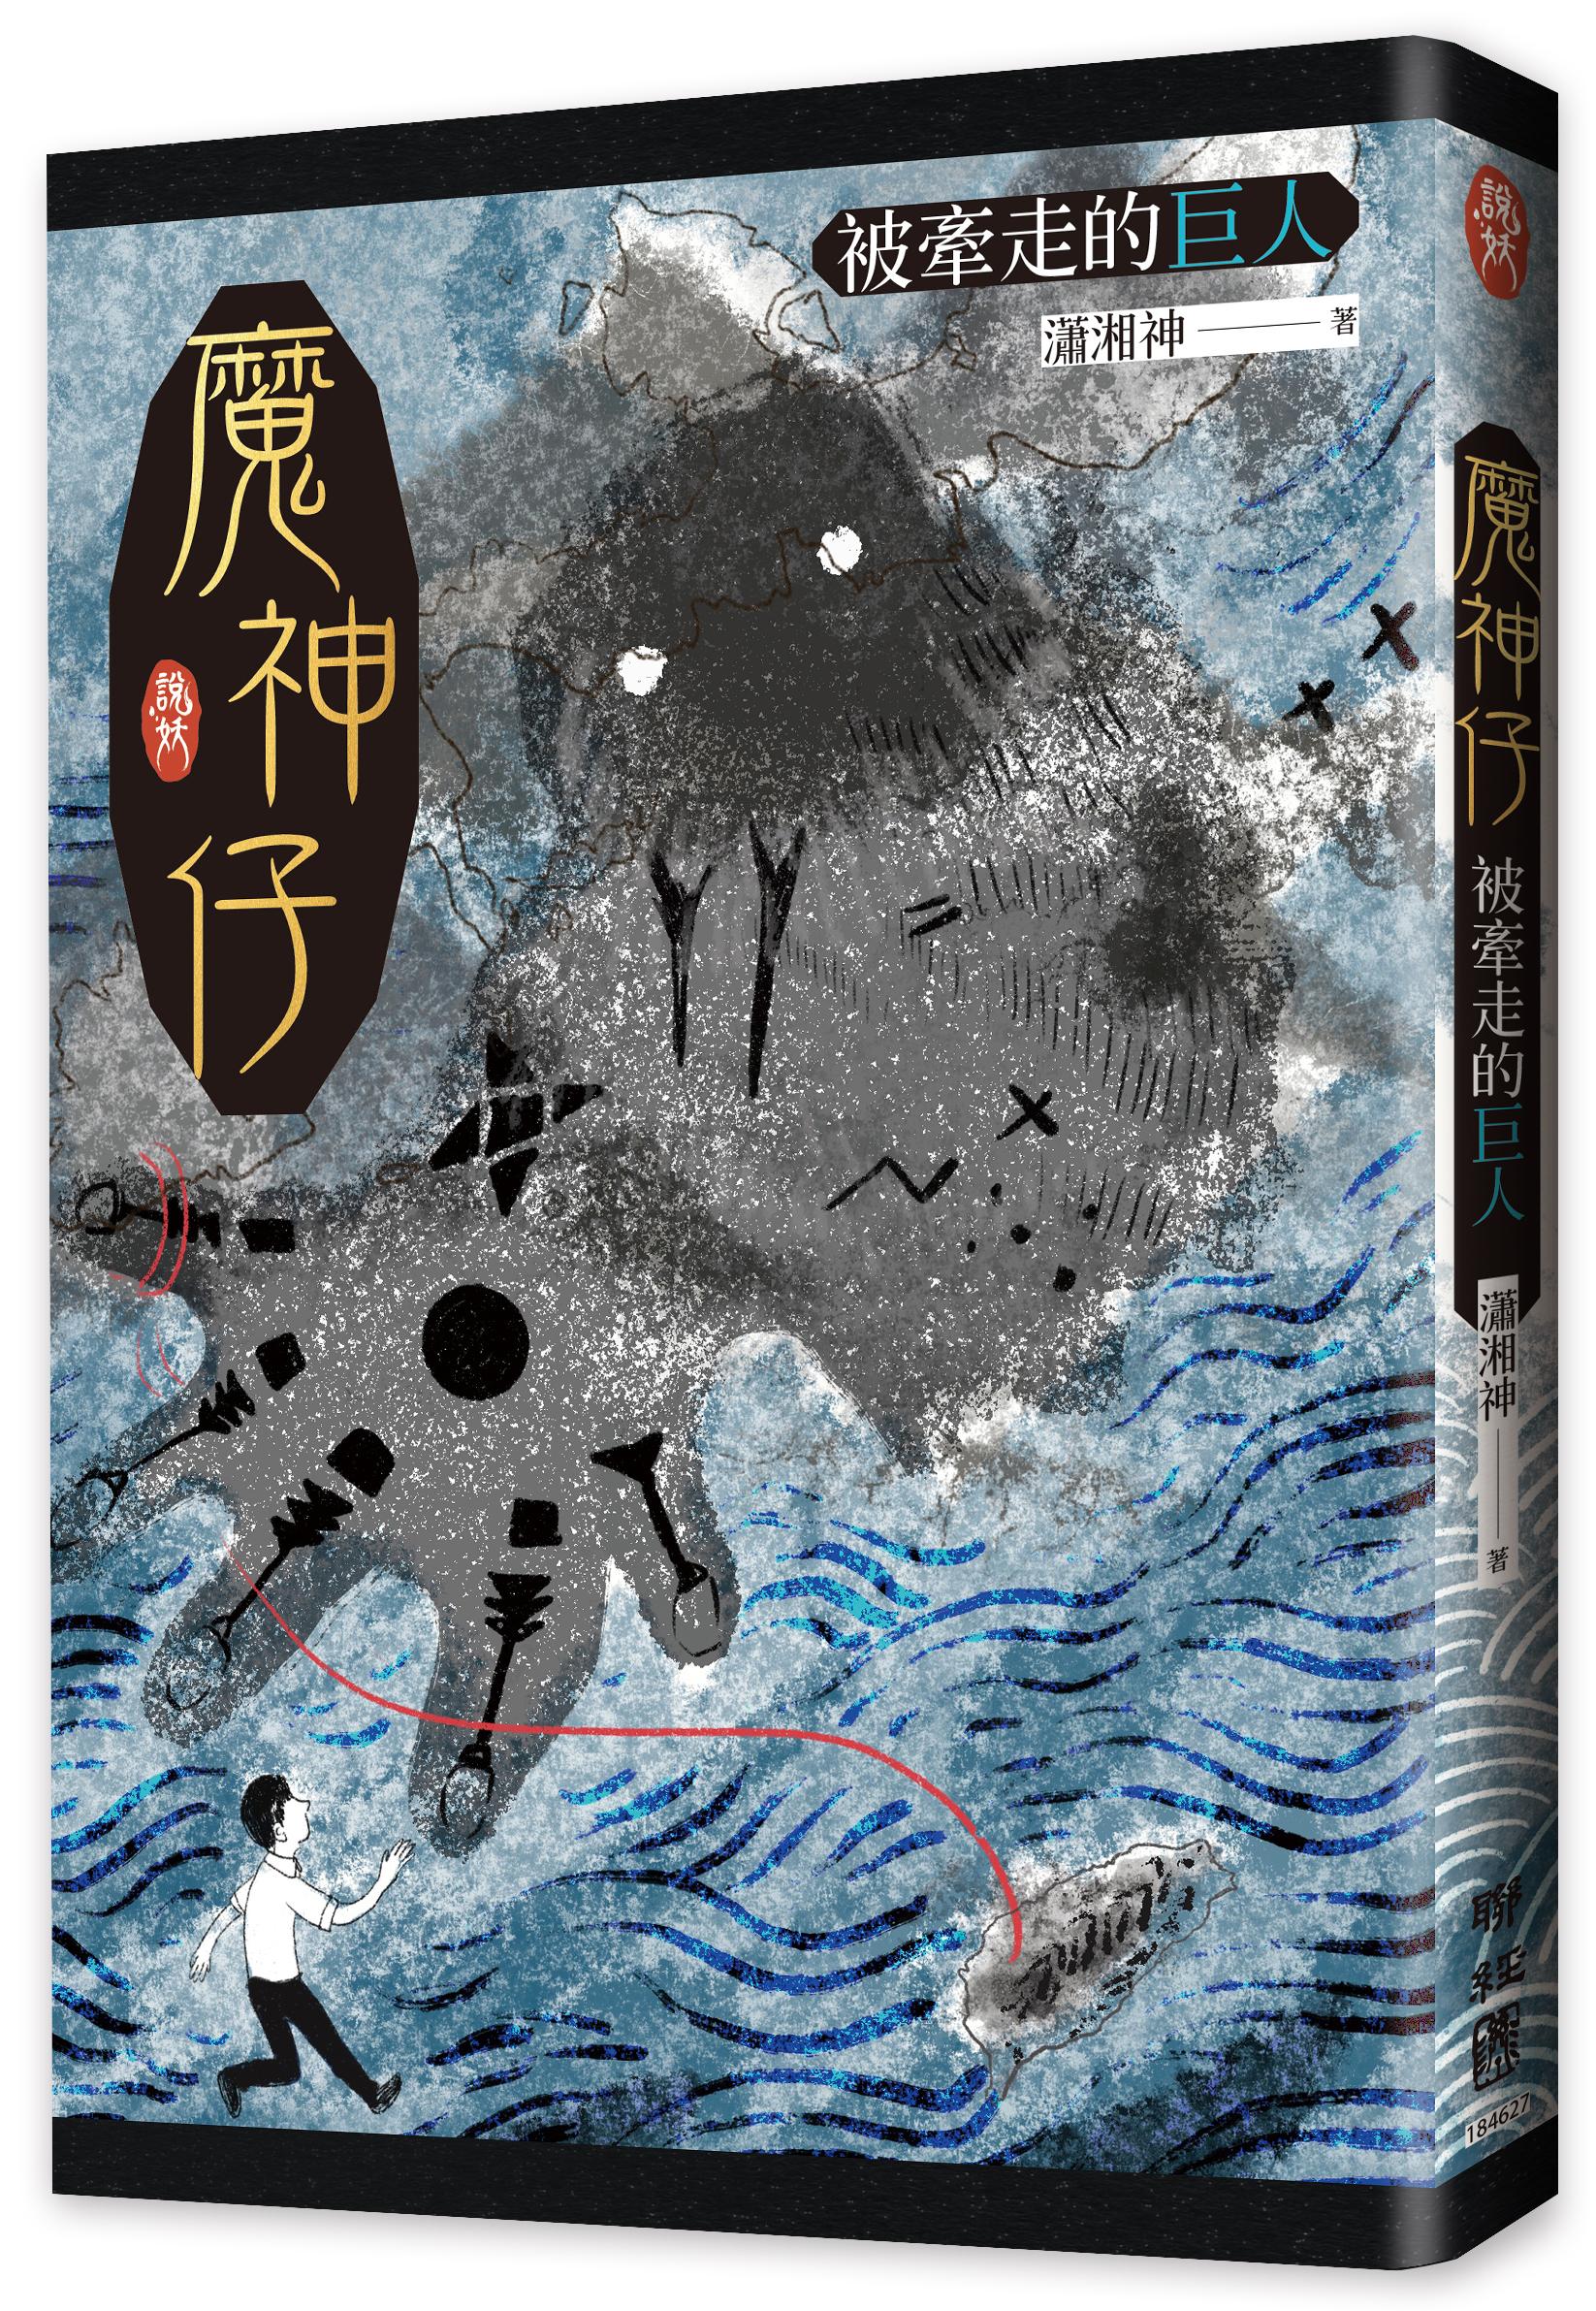 魔神仔:被牽走的巨人 - ISBN9789570856859(封+立).jpg